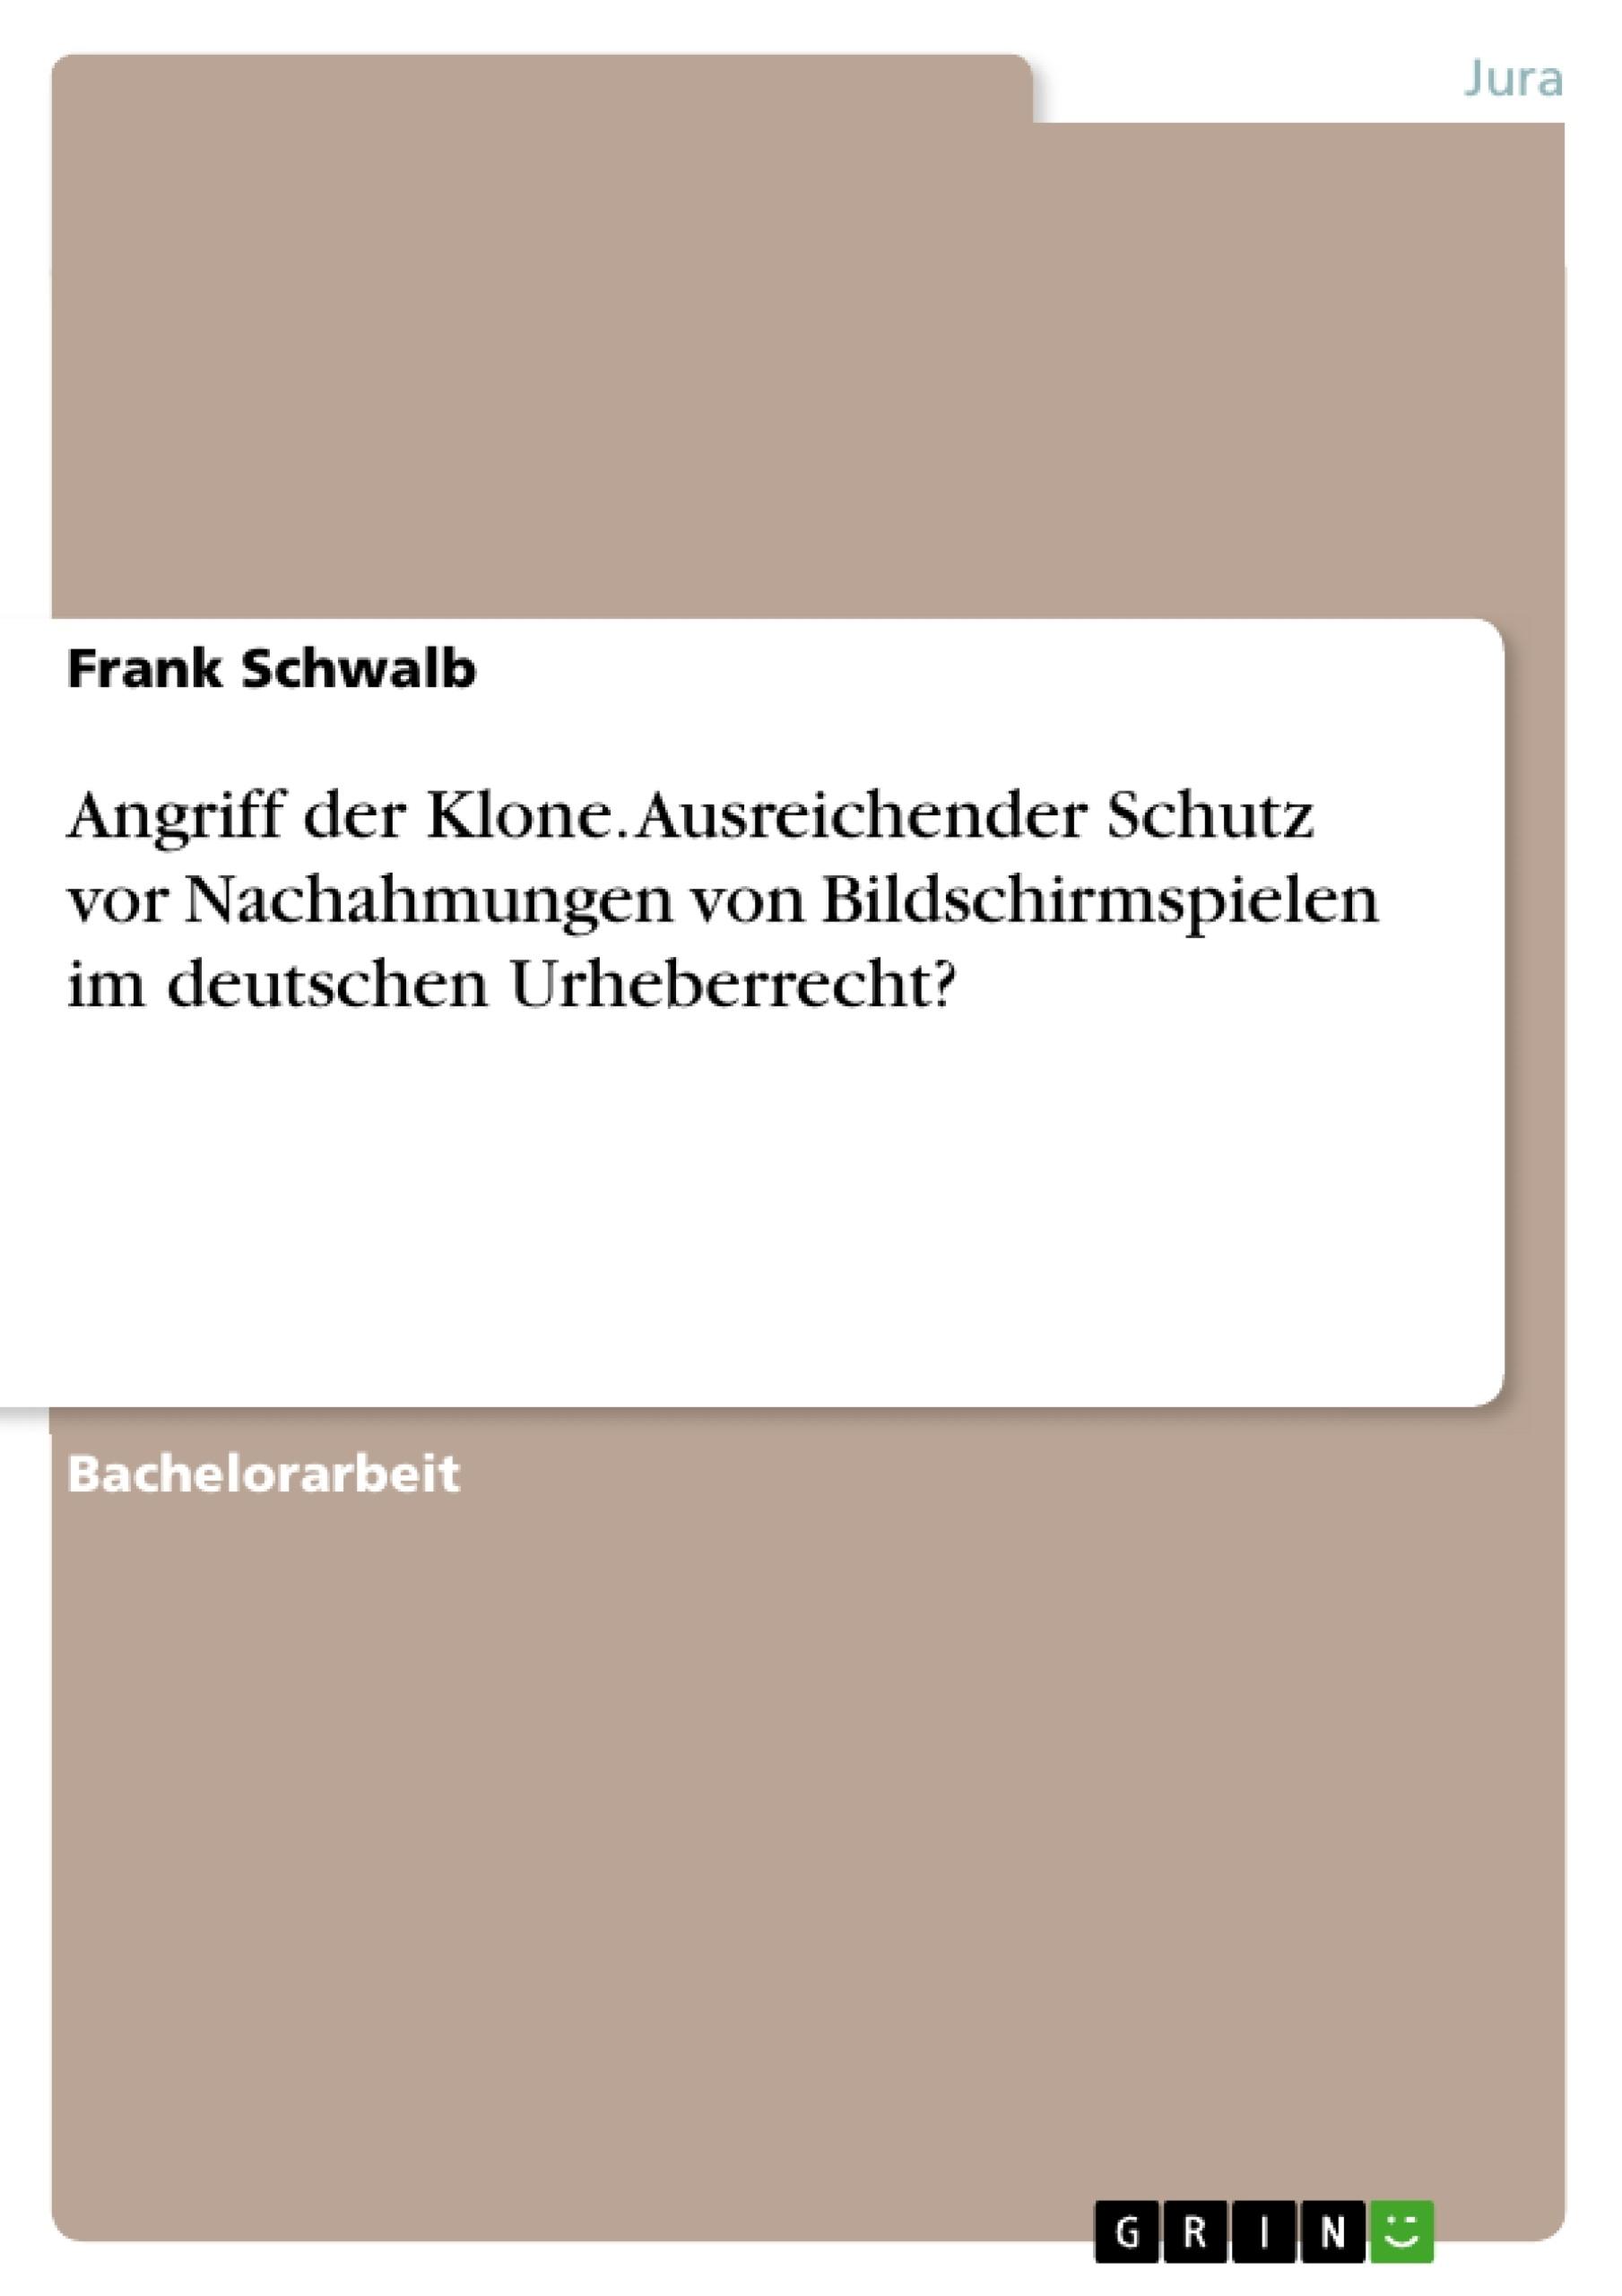 Titel: Angriff der Klone. Ausreichender Schutz vor Nachahmungen von Bildschirmspielen im deutschen Urheberrecht?